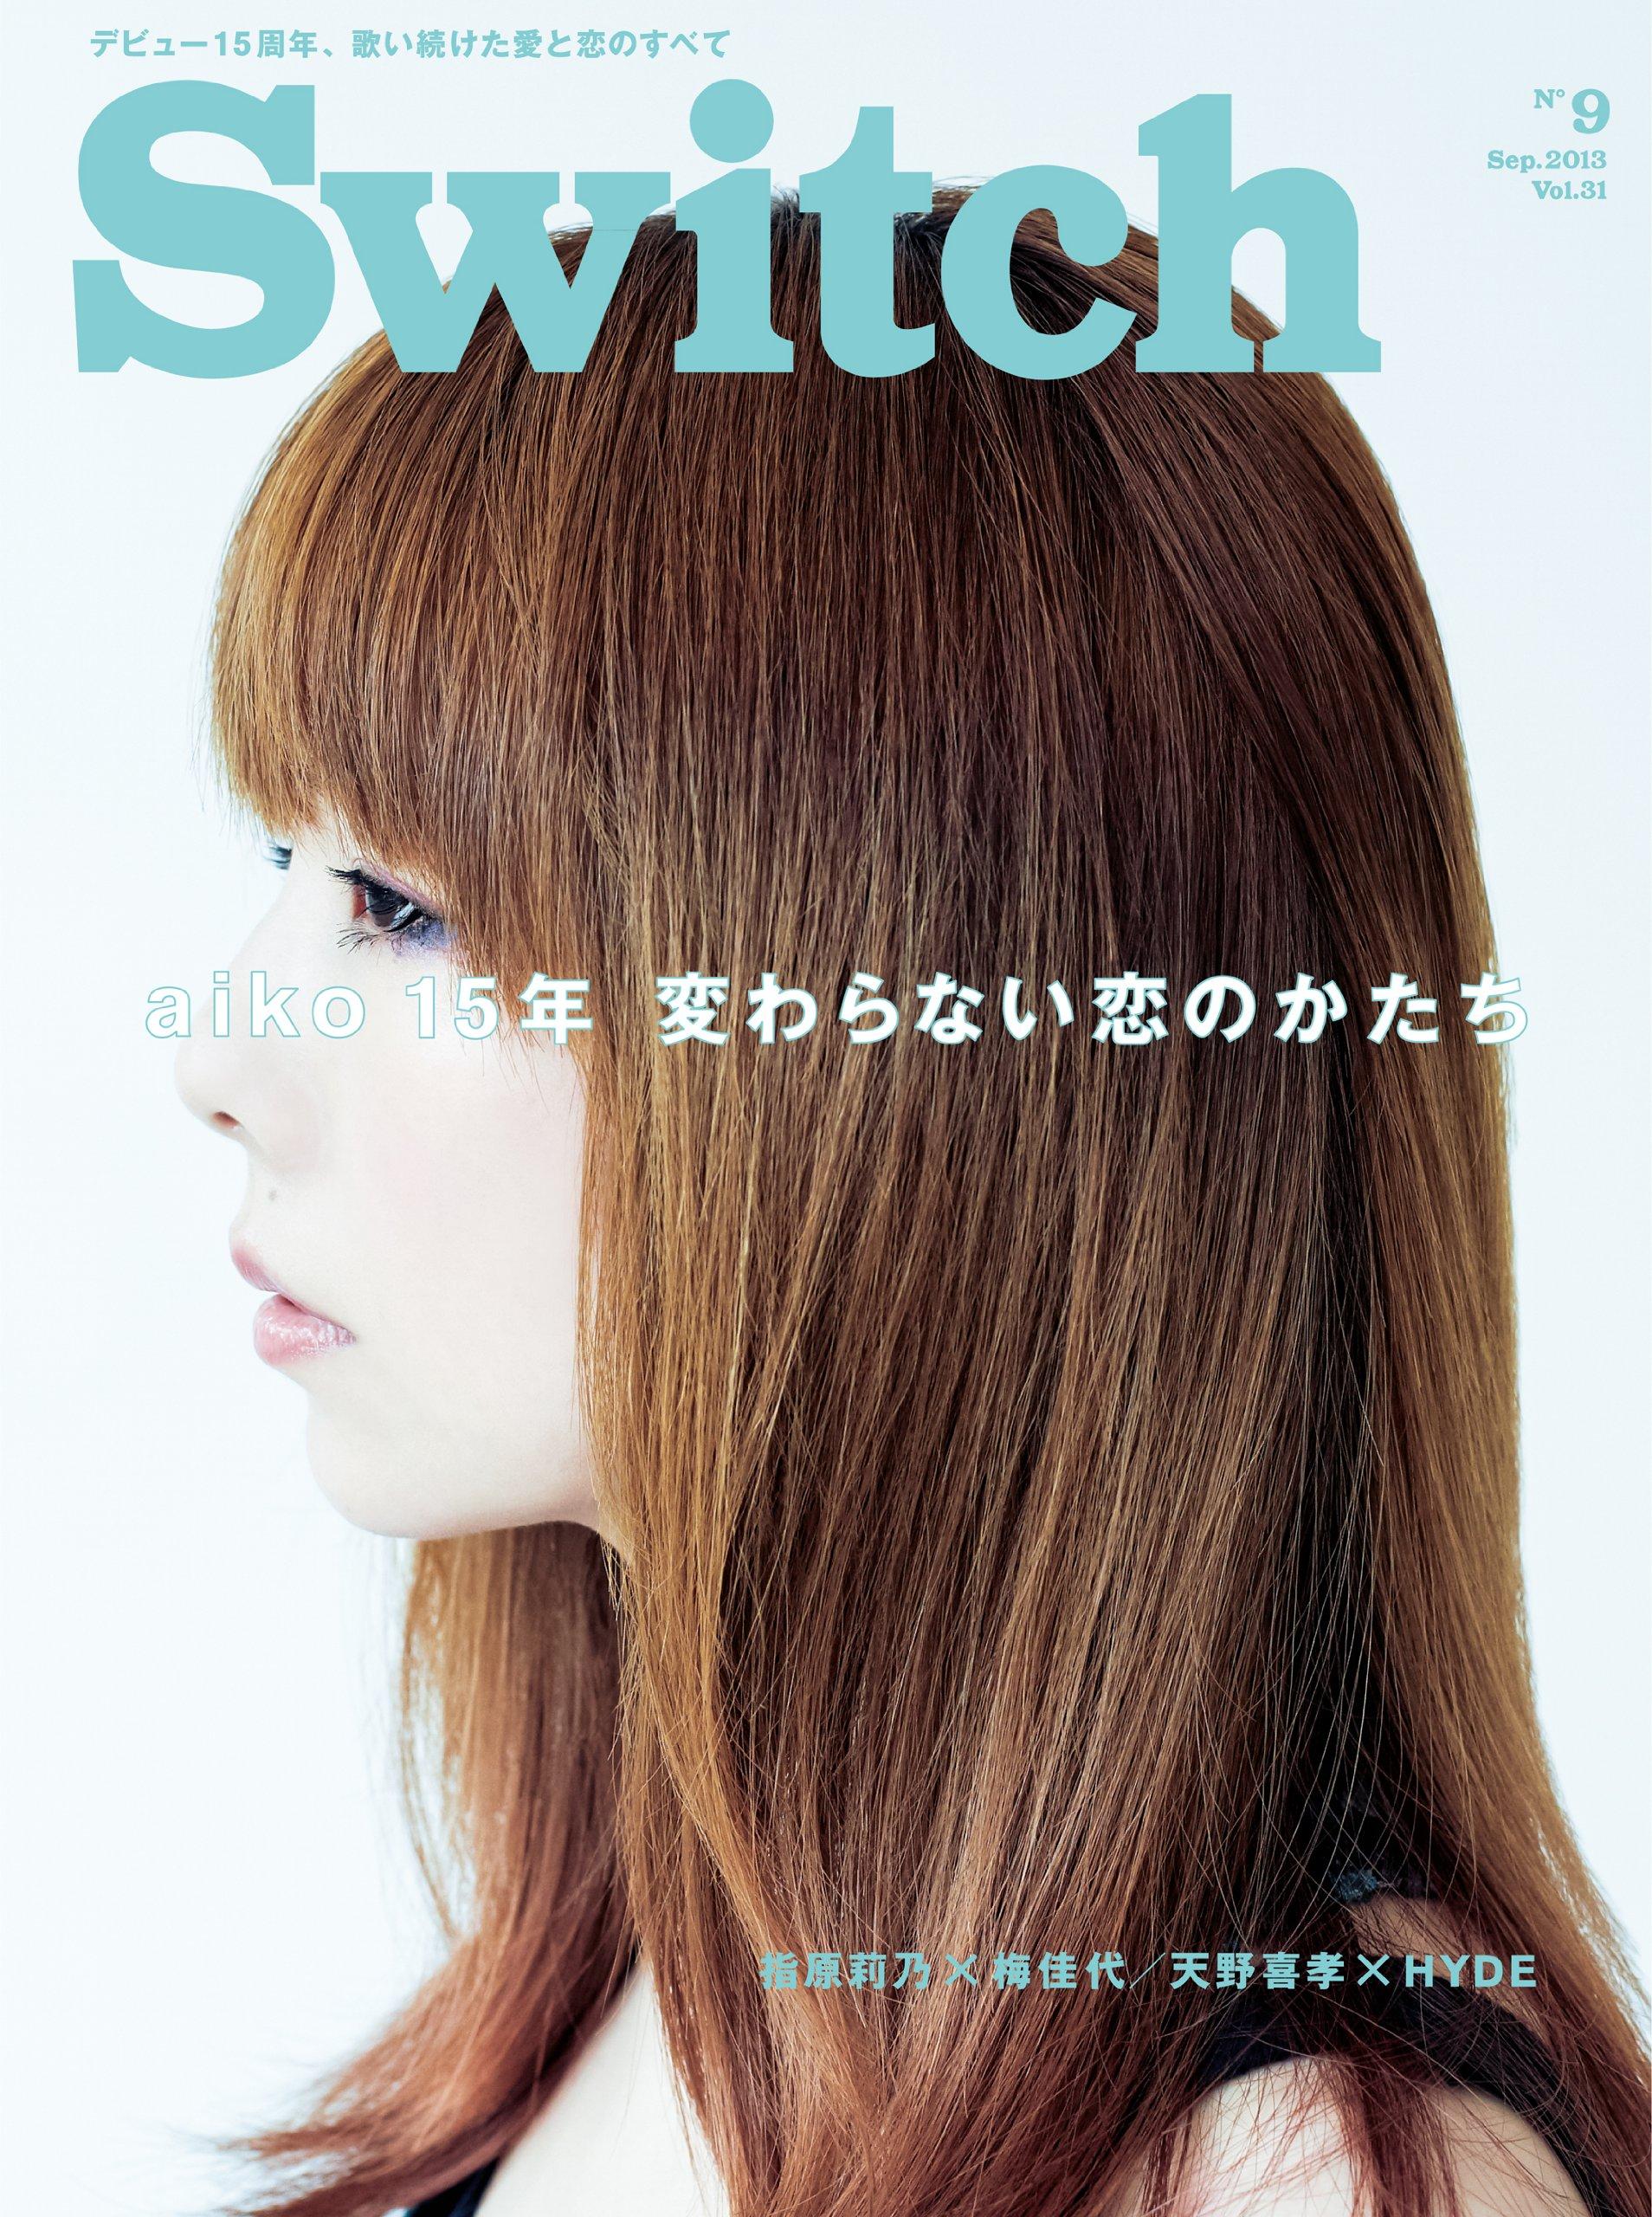 SWITCH Vol.31 No.9 pdf